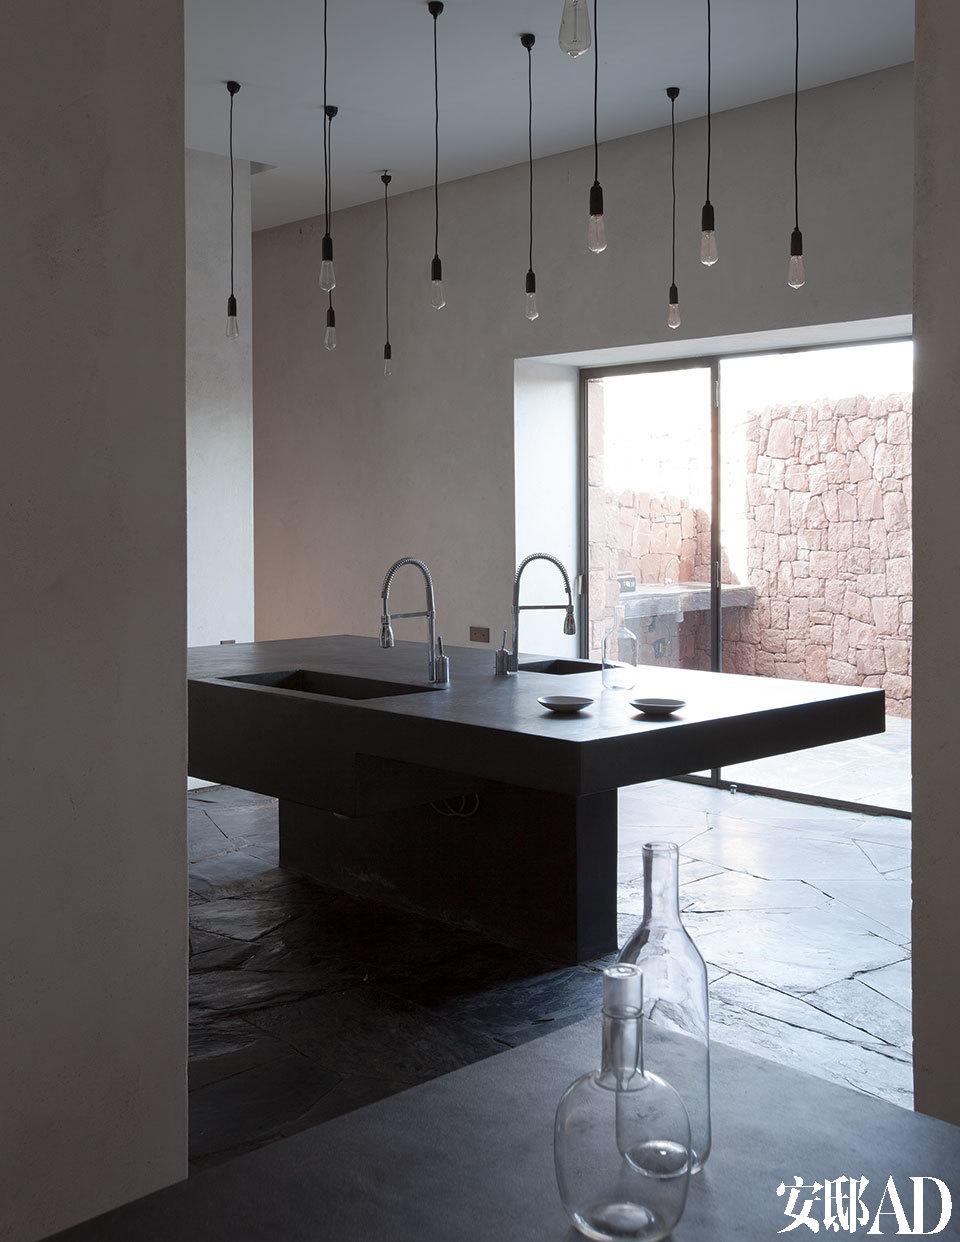 厨房中央的巨大岛台由水泥制成,也是Ko的设计,天花板上简单地吊着一些来自Zangra的灯泡,让气氛显得更加活跃。水龙头来自 Franke,瓷器由Nelson Sepulveda创作。